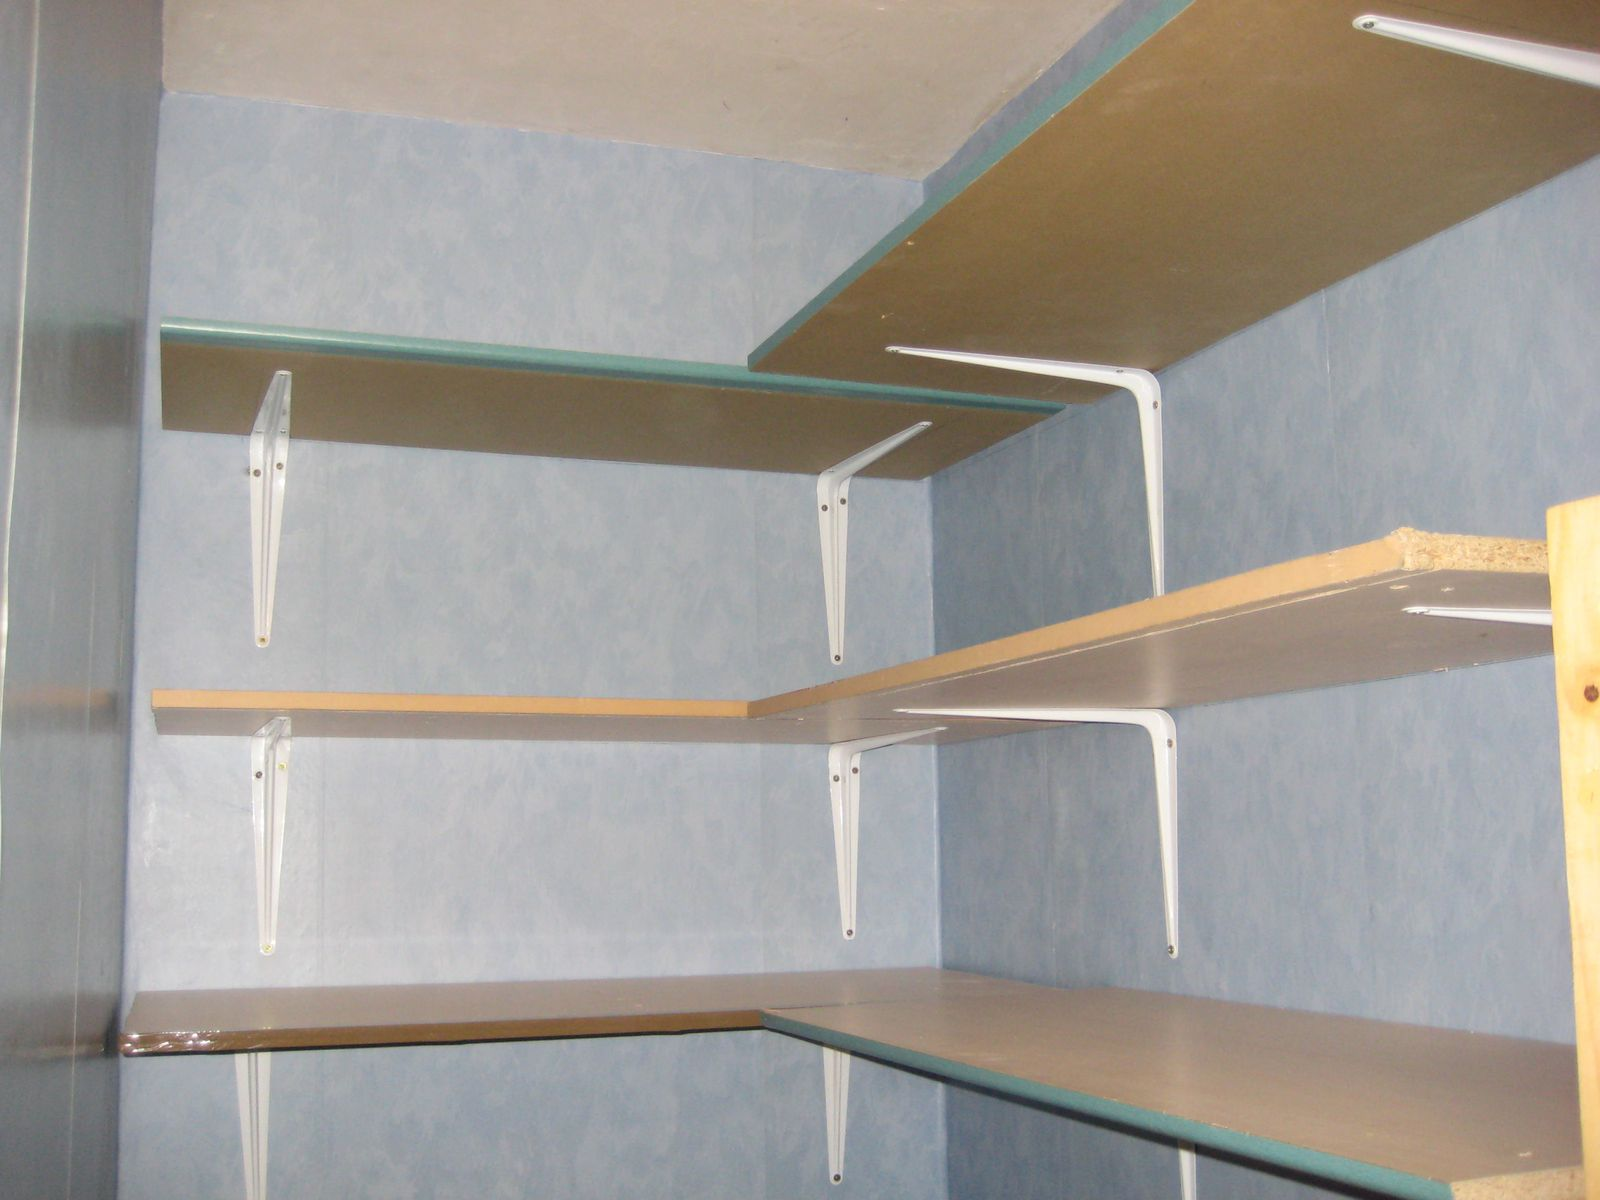 Que faire avec de vieilles portes d 39 armoire kalawangue - Faire une etagere en bois ...